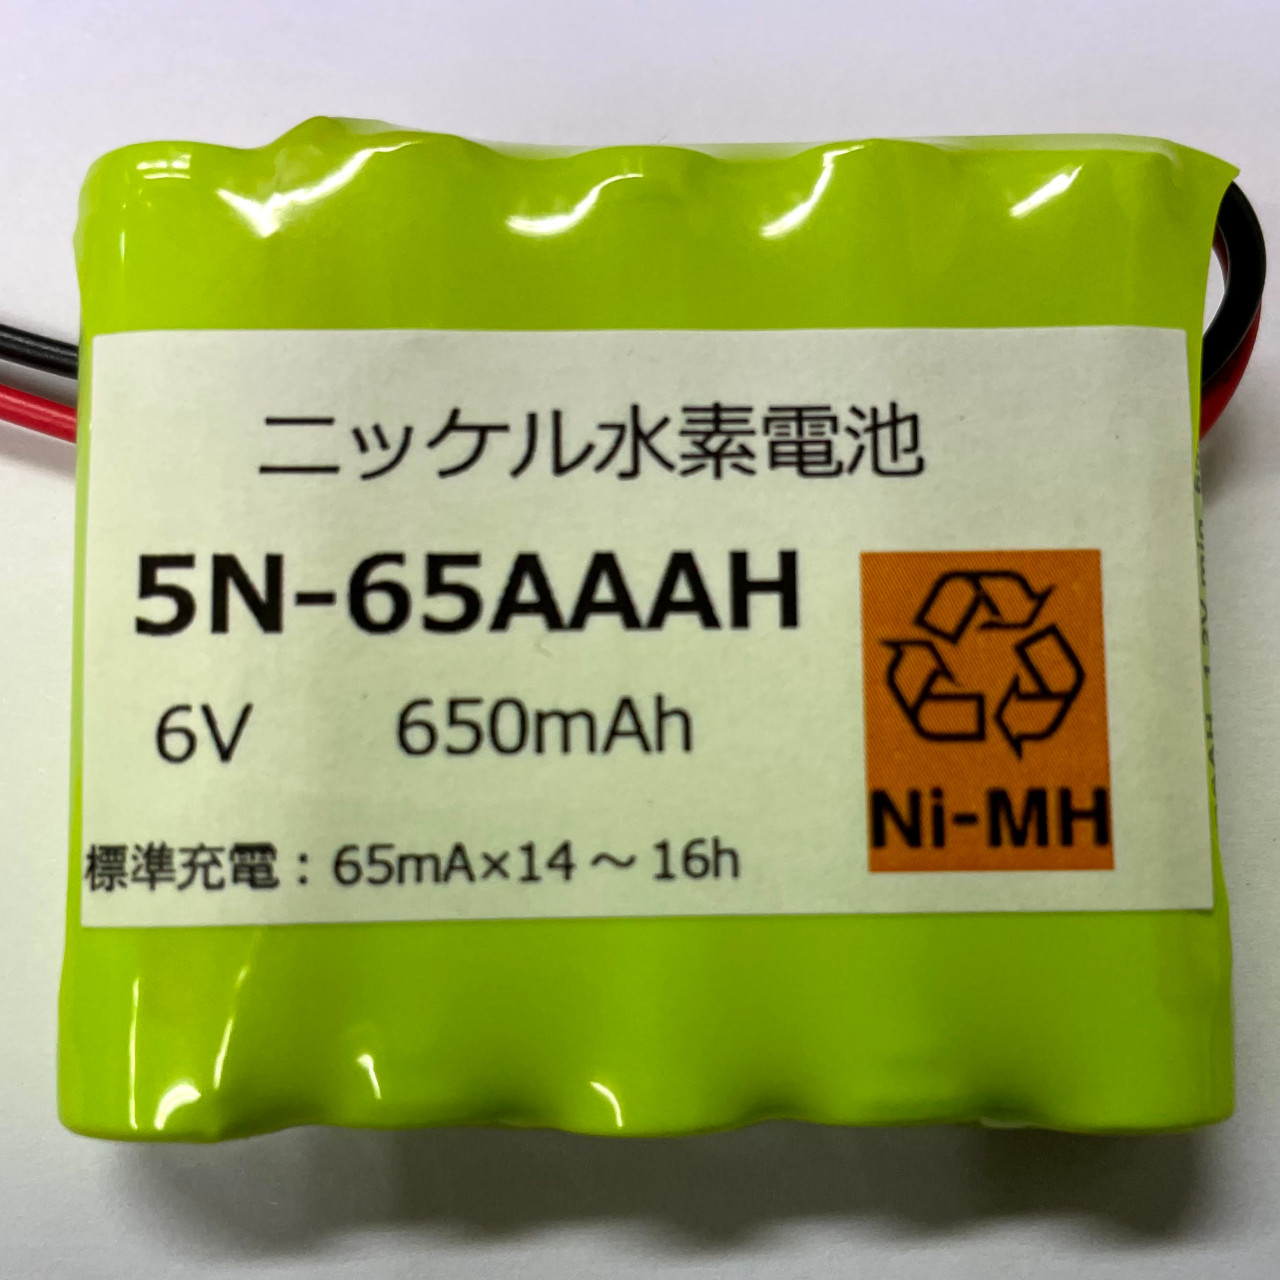 5N-65AAAH.jpg